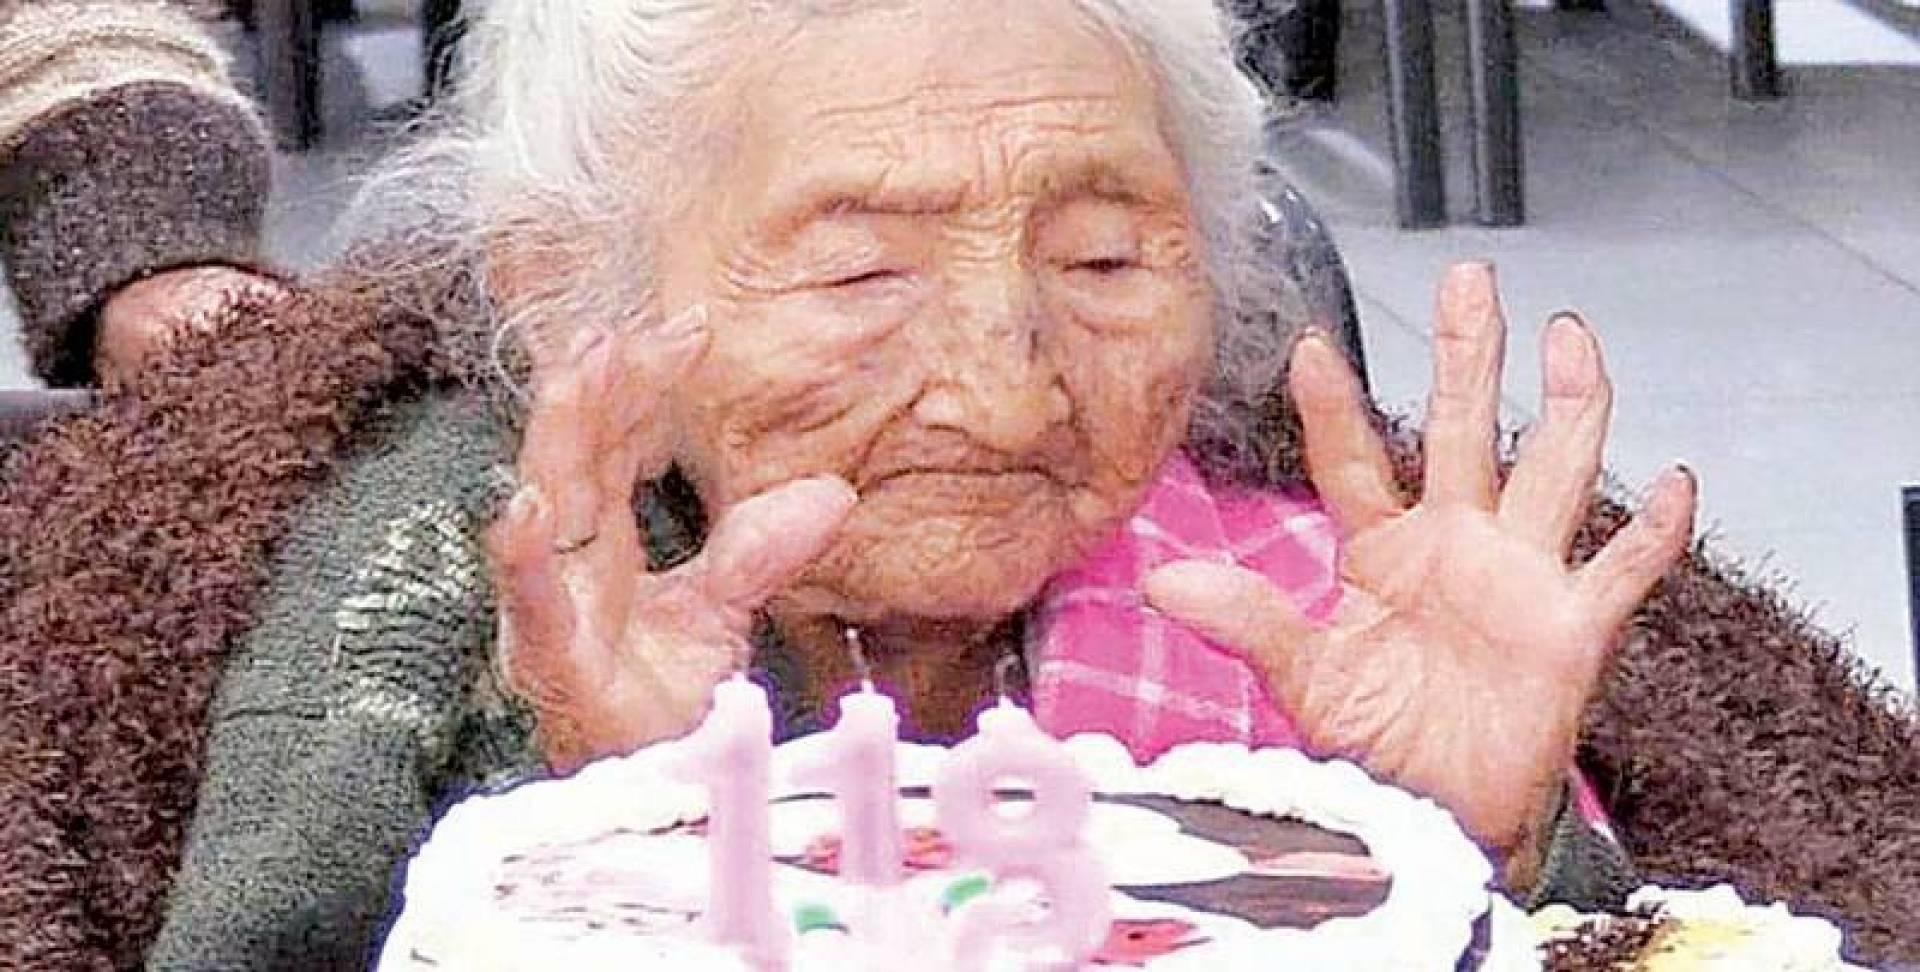 مازالت جوليا تحتفظ بقواها الذهنية في عمر 118